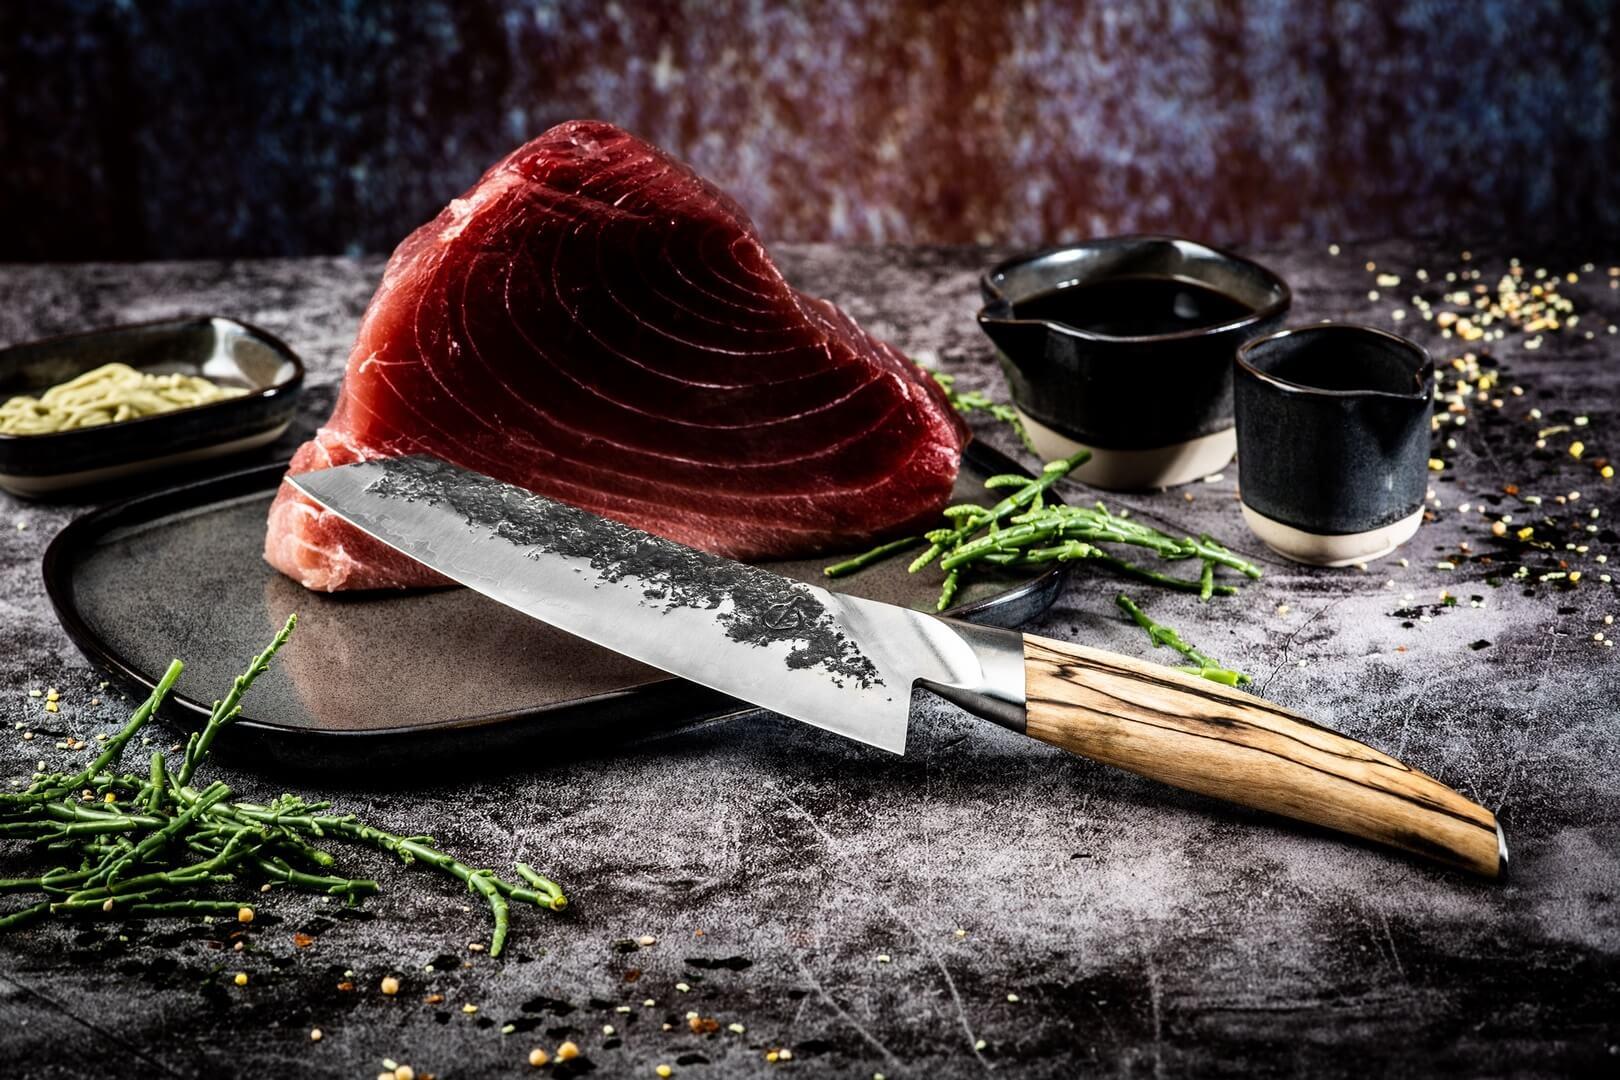 Nôž Santoku Forged Katai 18 cm - FORGED Katai nůž Santoku 18 cm